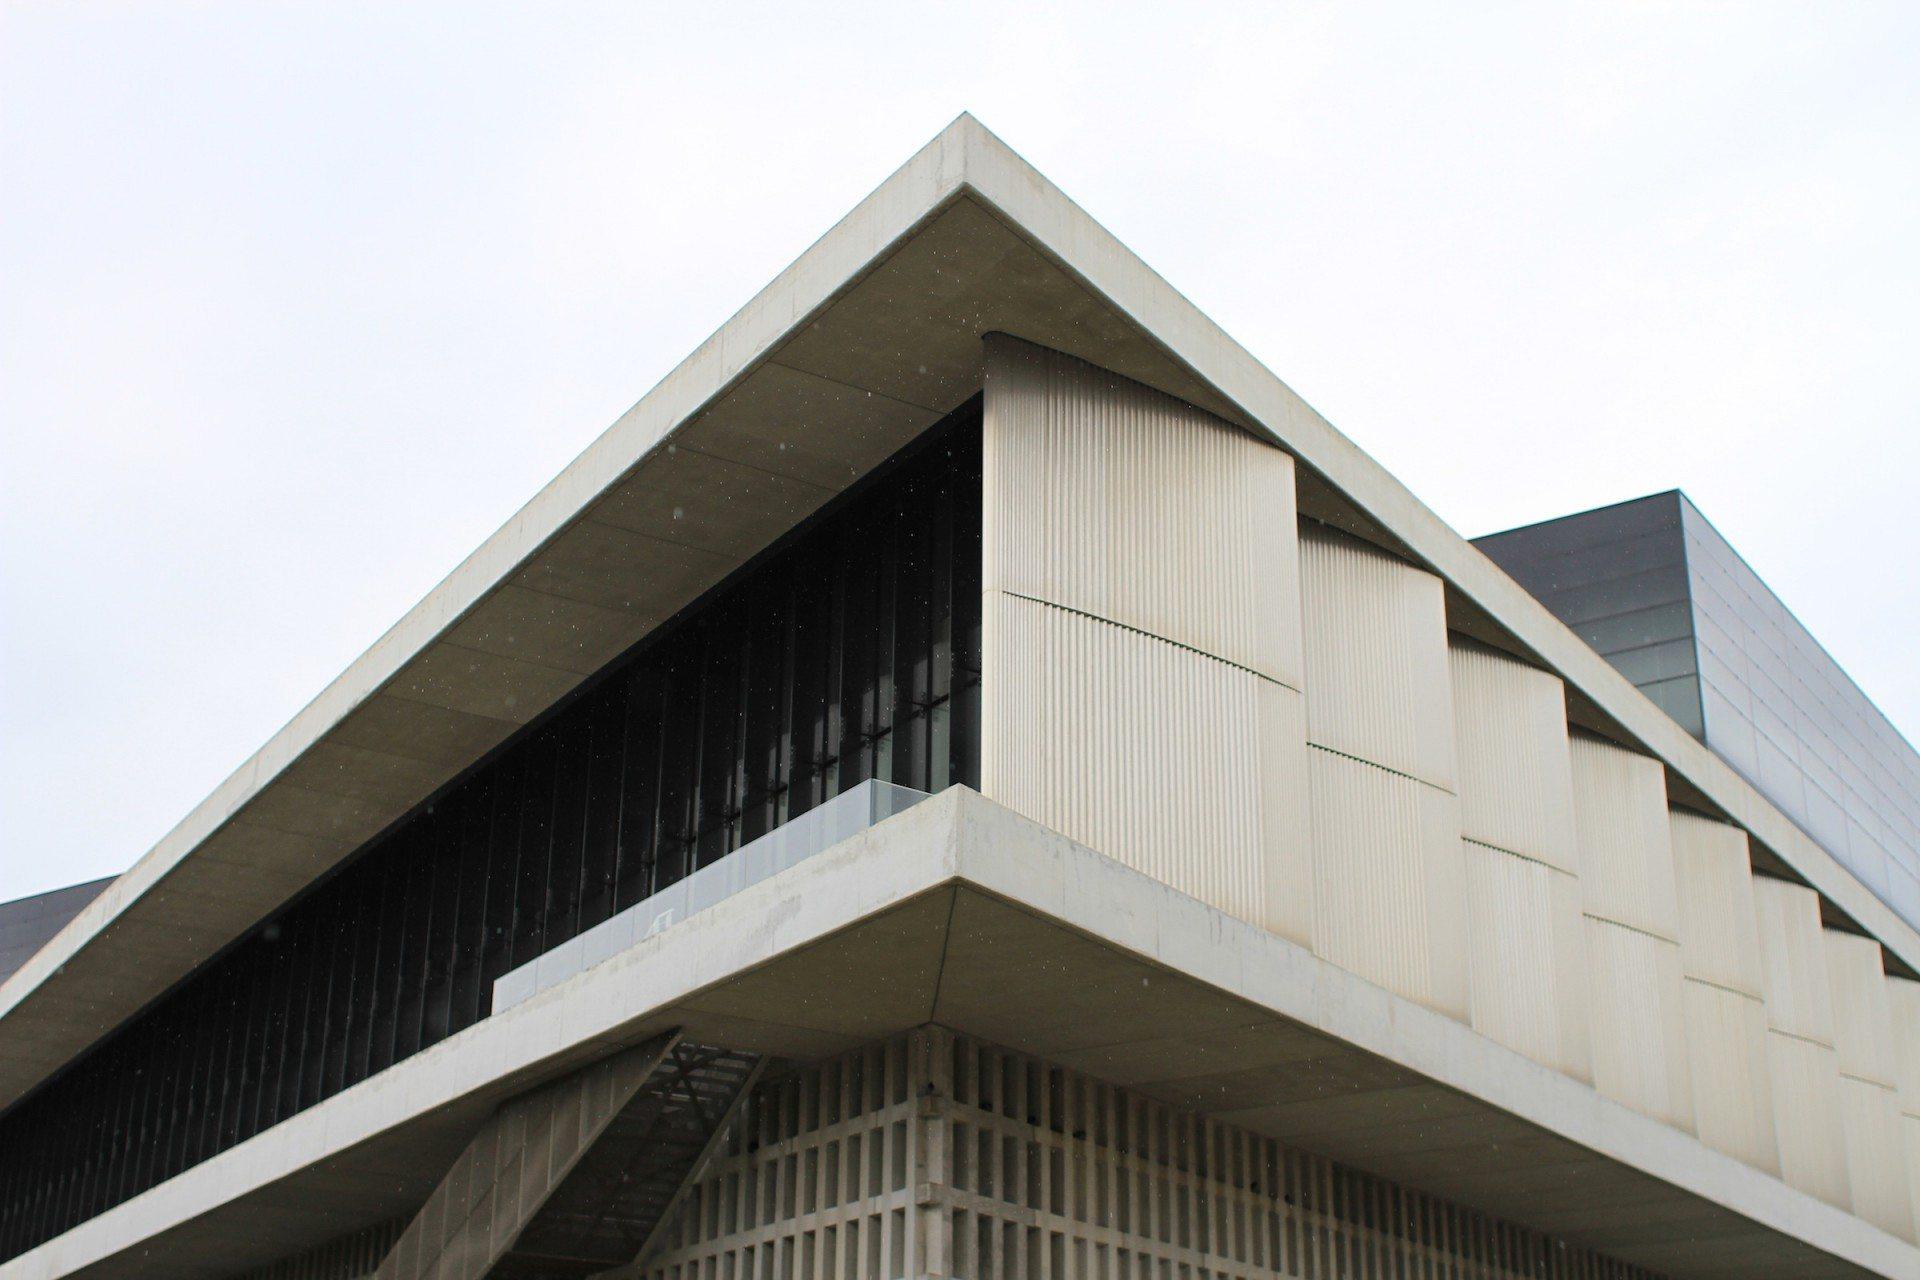 Geschichtet. Die rund um das Gebäude verlaufenden Auskragungen und einfachen Schichtungen verweisen dezent auf eine charakteristische Athener Wohnhaus-Typologie der Nachkriegsmoderne, die sogenannten Polykatoikia.